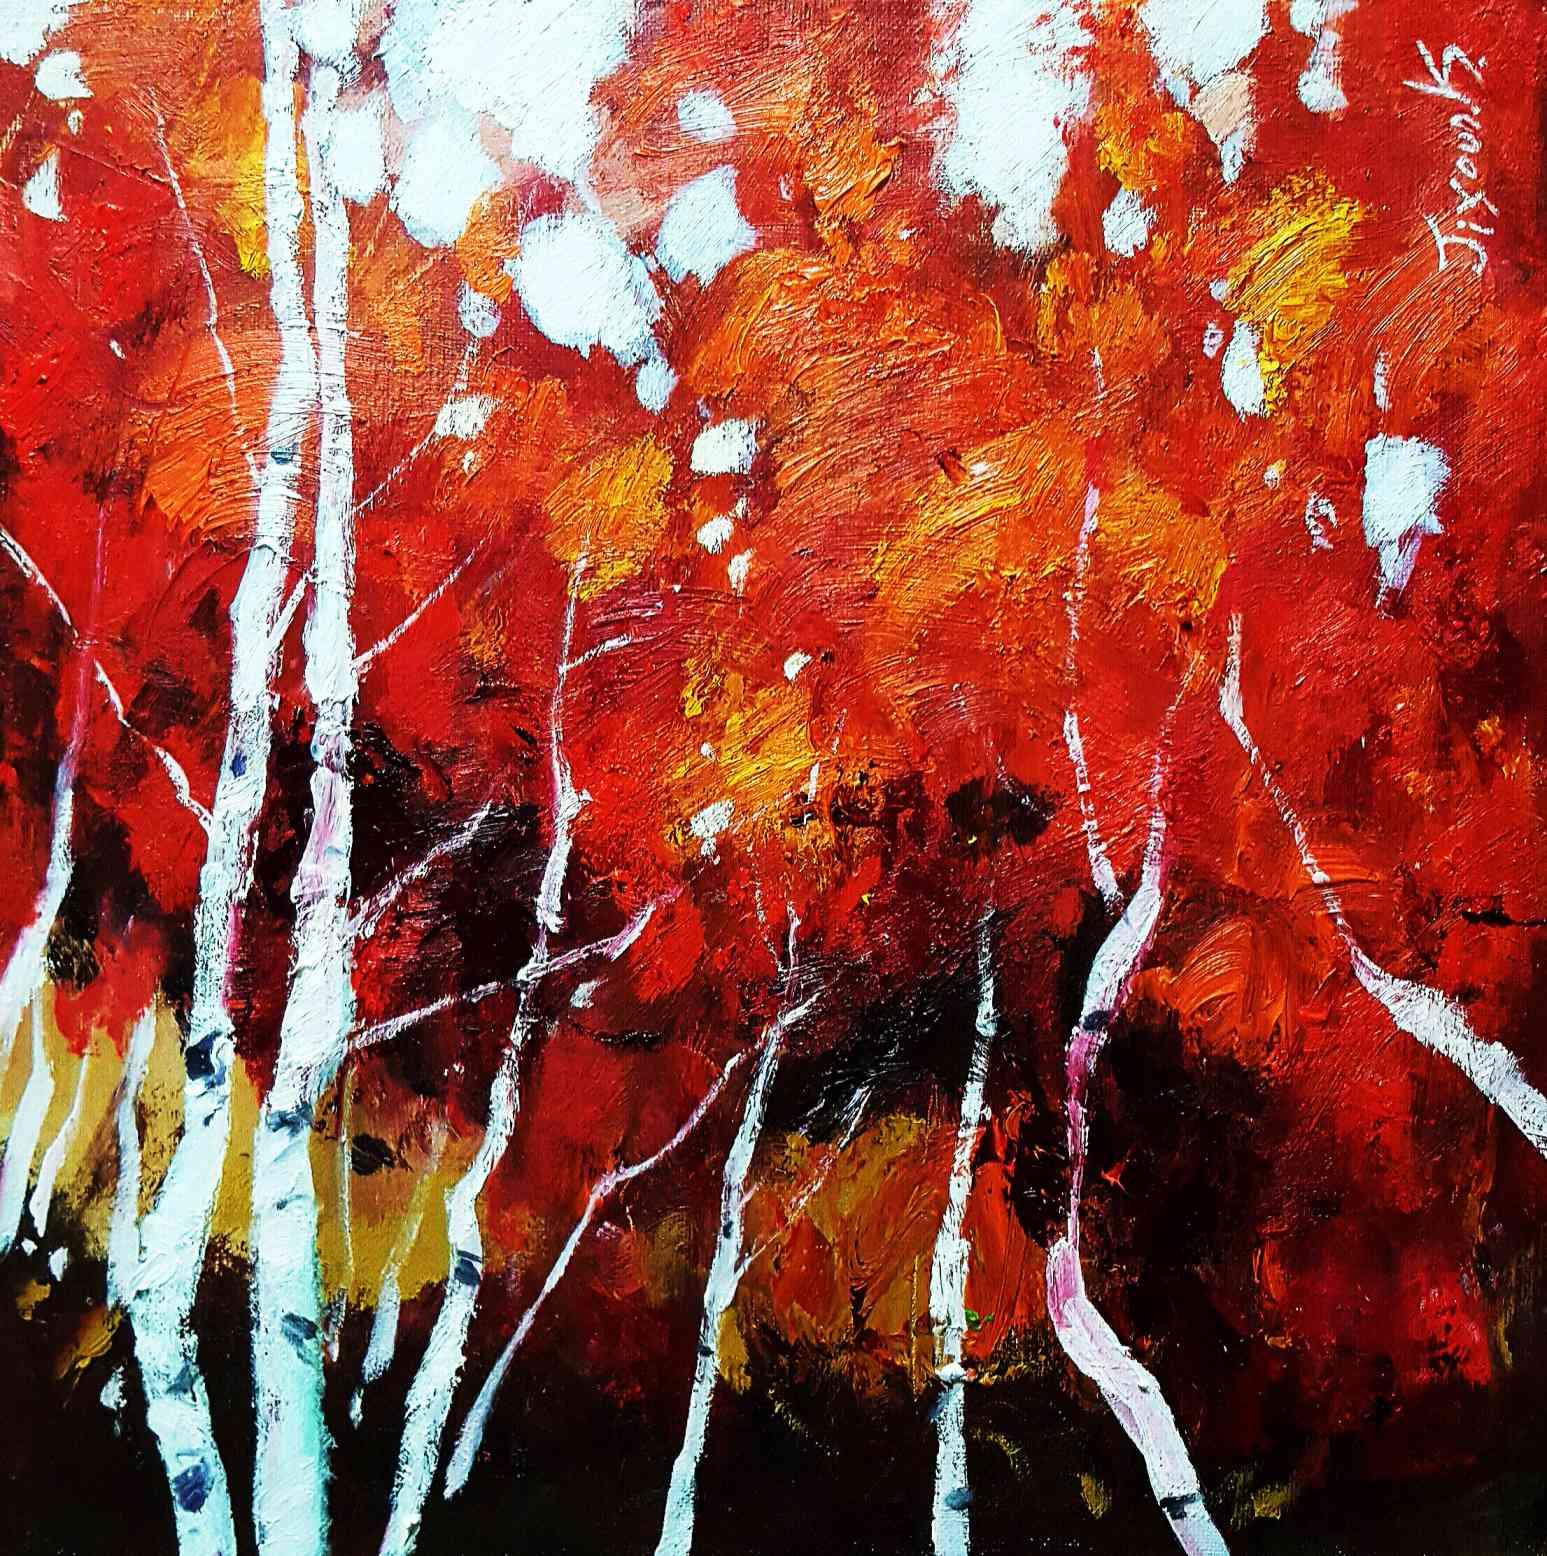 Red birch forest